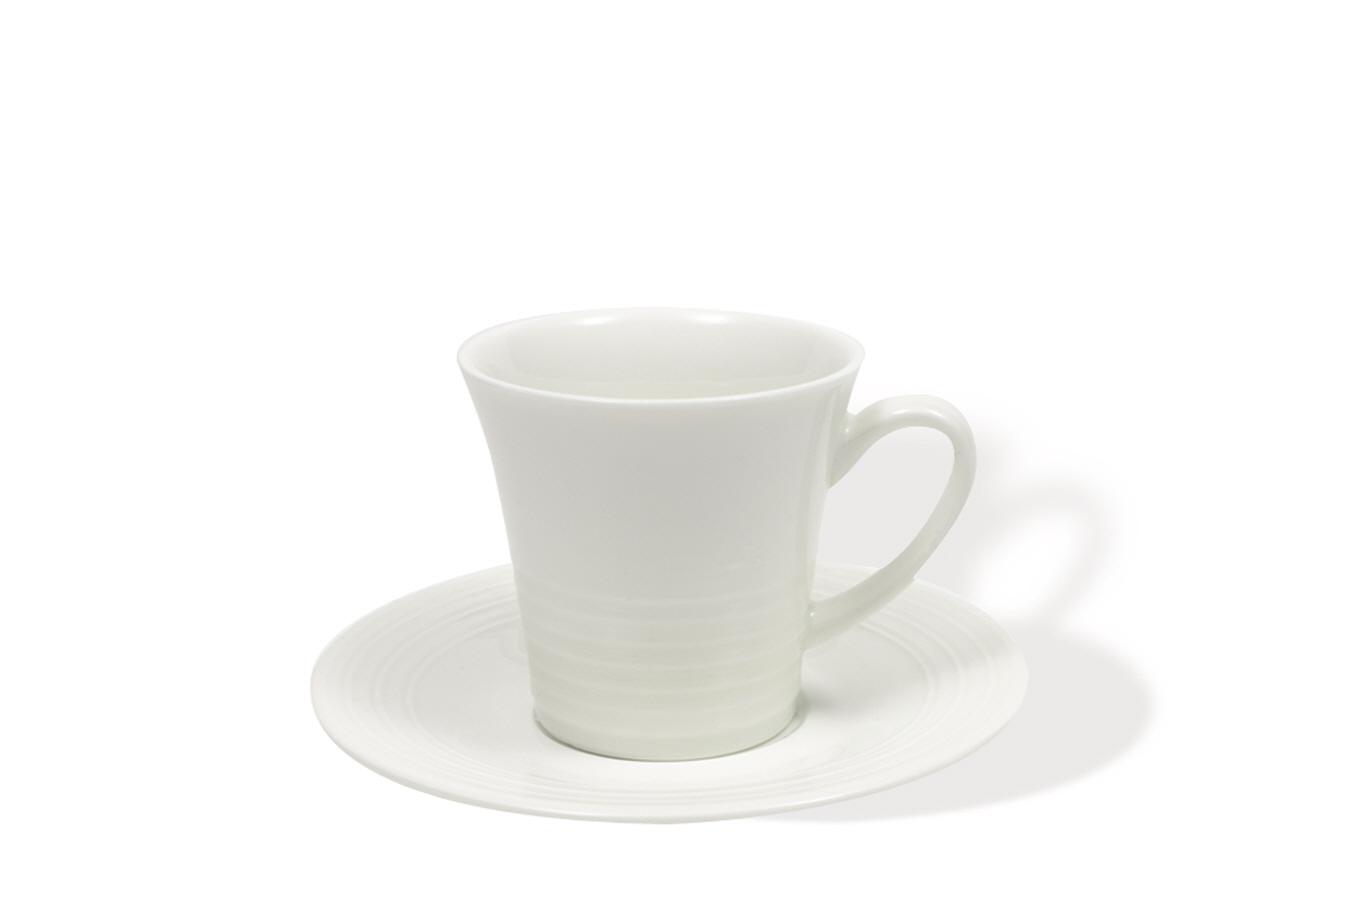 Šálek s podšálkem na espresso White Basics Cirque 80 ml - Maxwell&Will